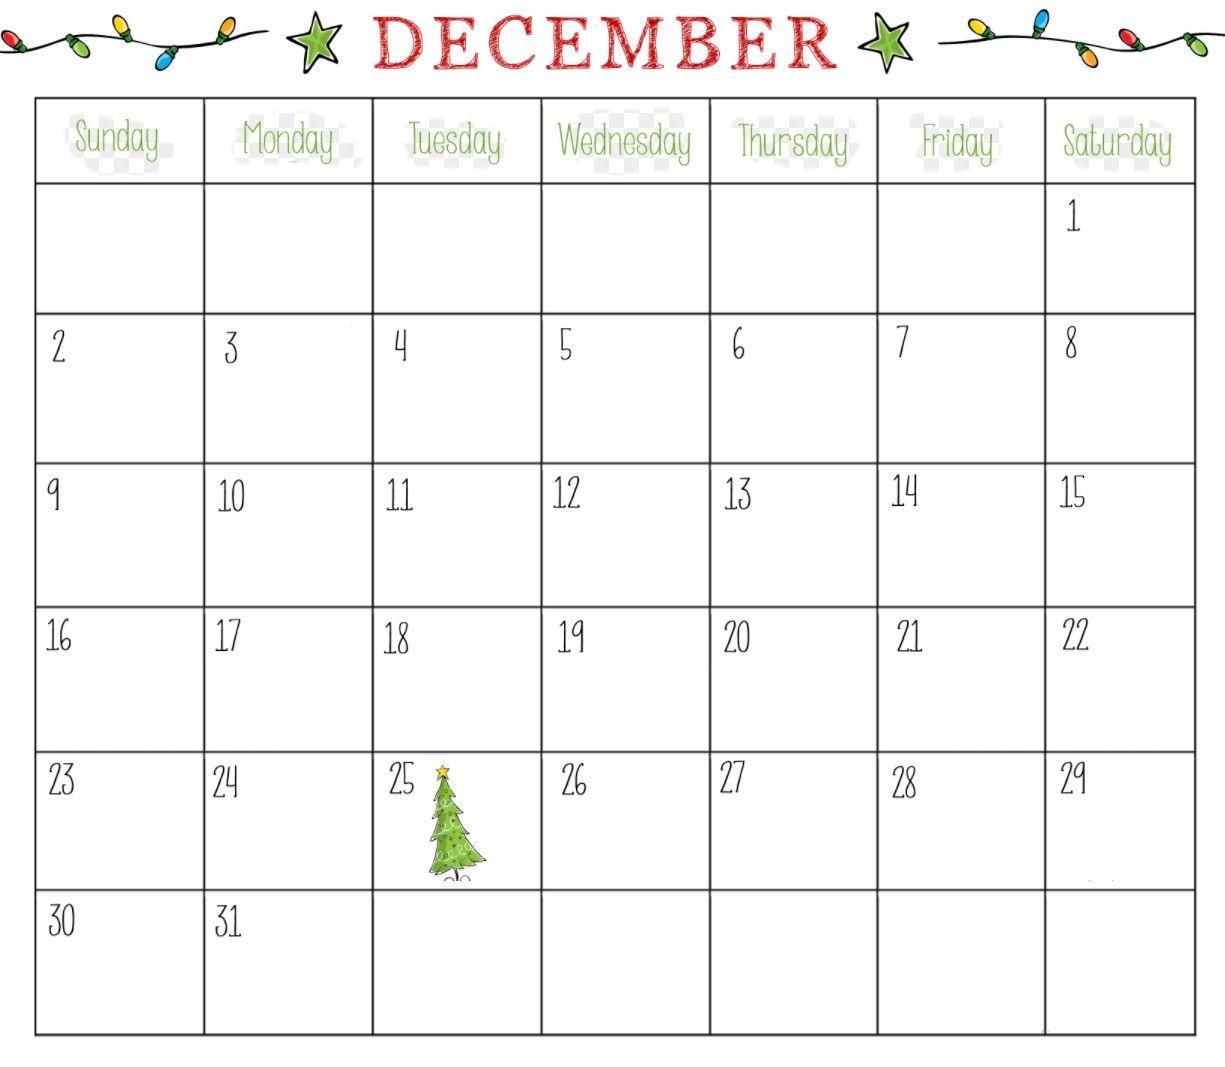 Printable December Blank Calendar For Office